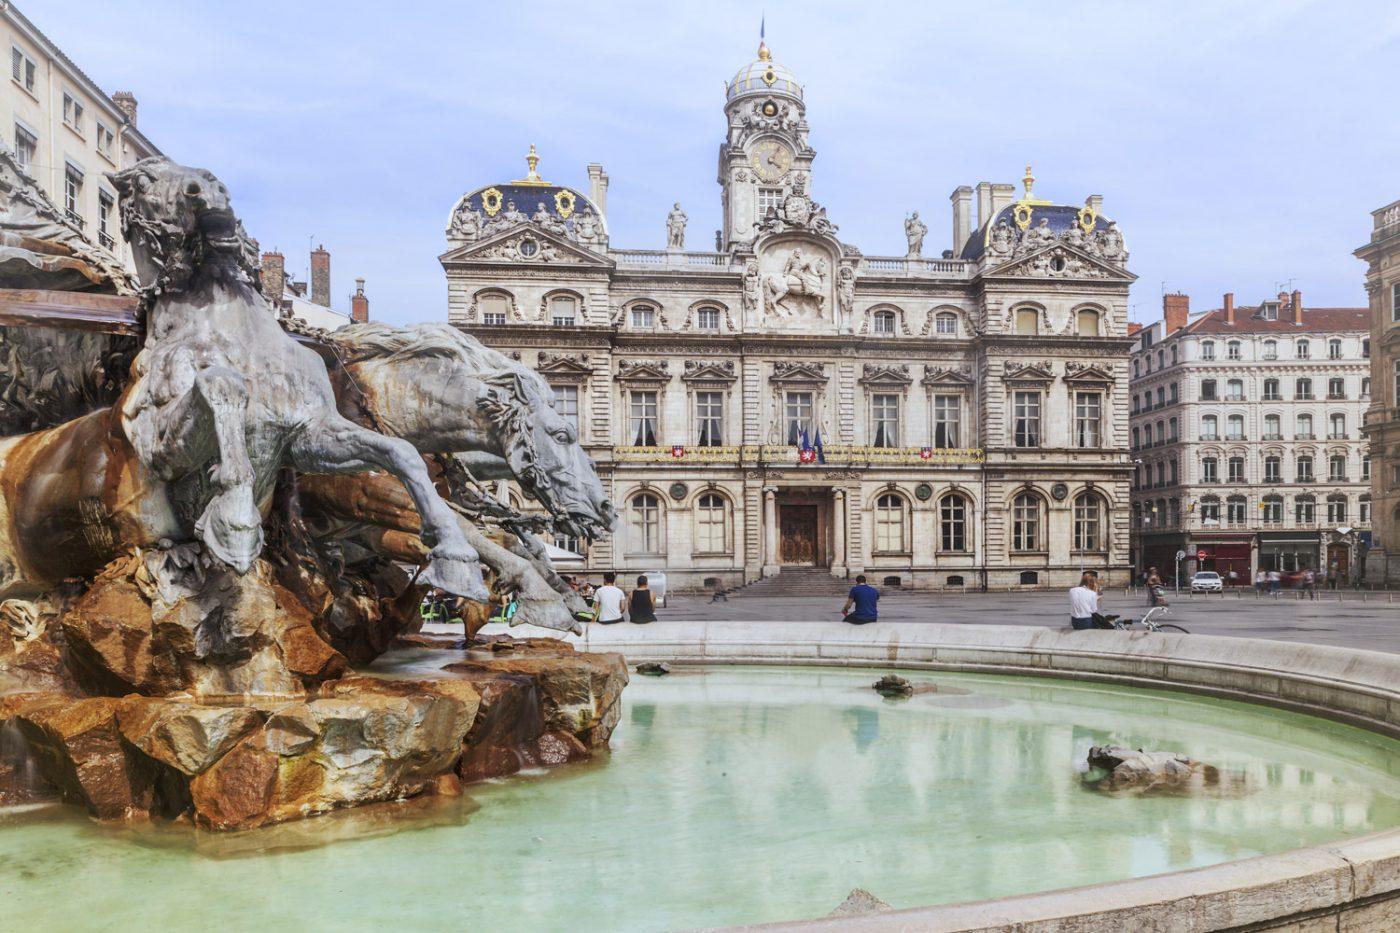 Der Brunnen von Bartholdi und das Rathaus am Olace des Terreaux in Lyon, Frankreich.